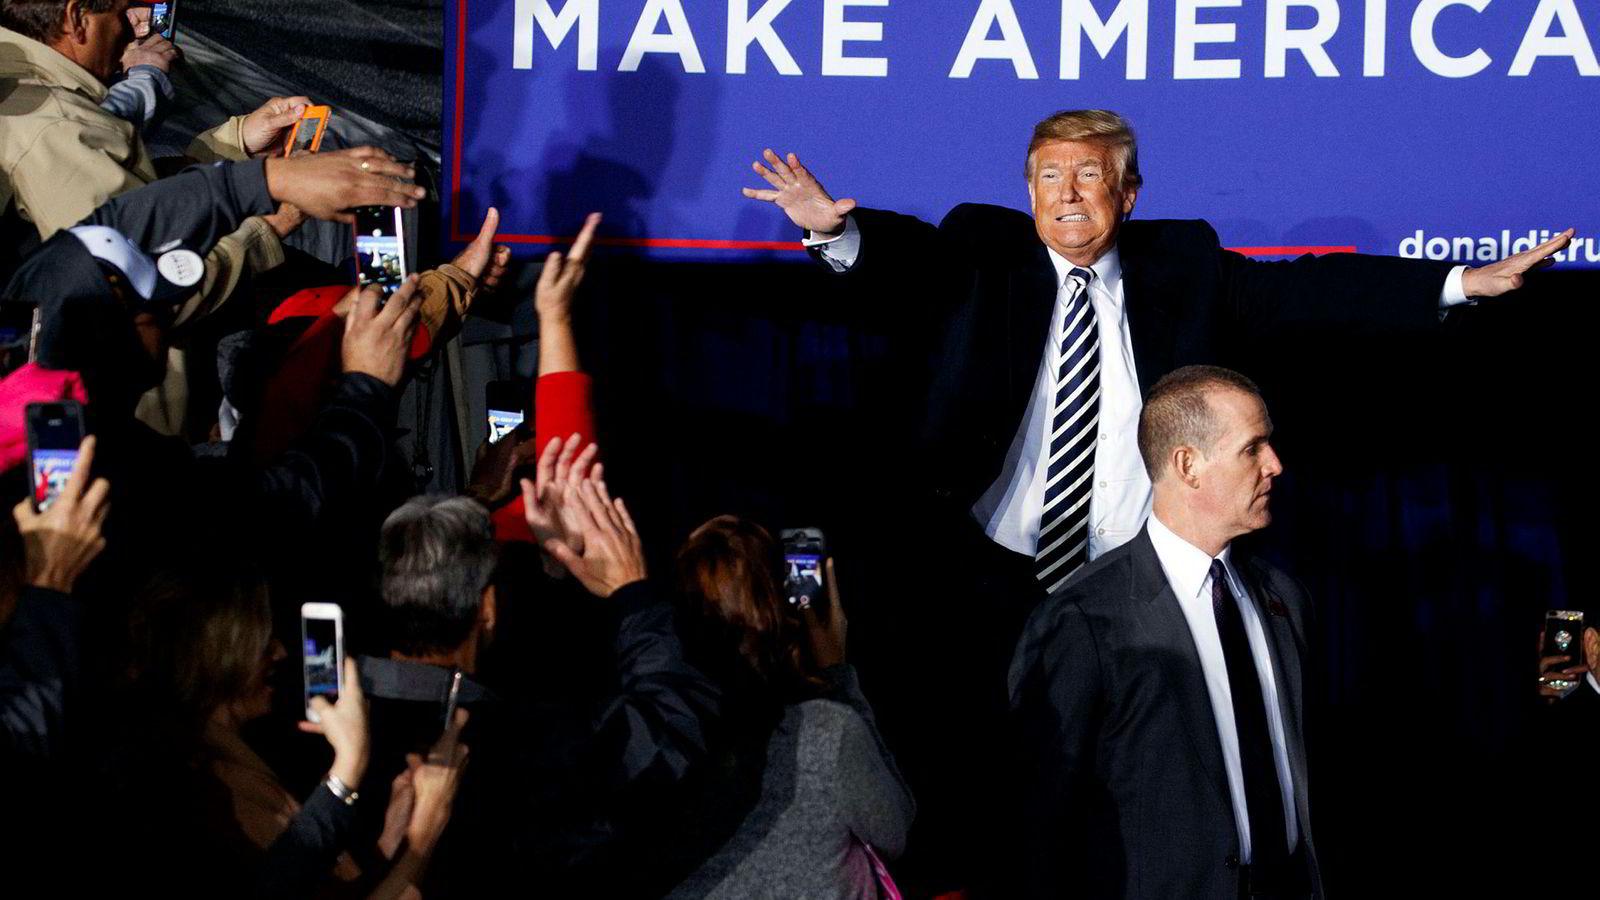 President Donald Trump har jobbet utrettelig med sin «Make America Great Again»-turné. Her ankommer han et arrangement i Missouri.